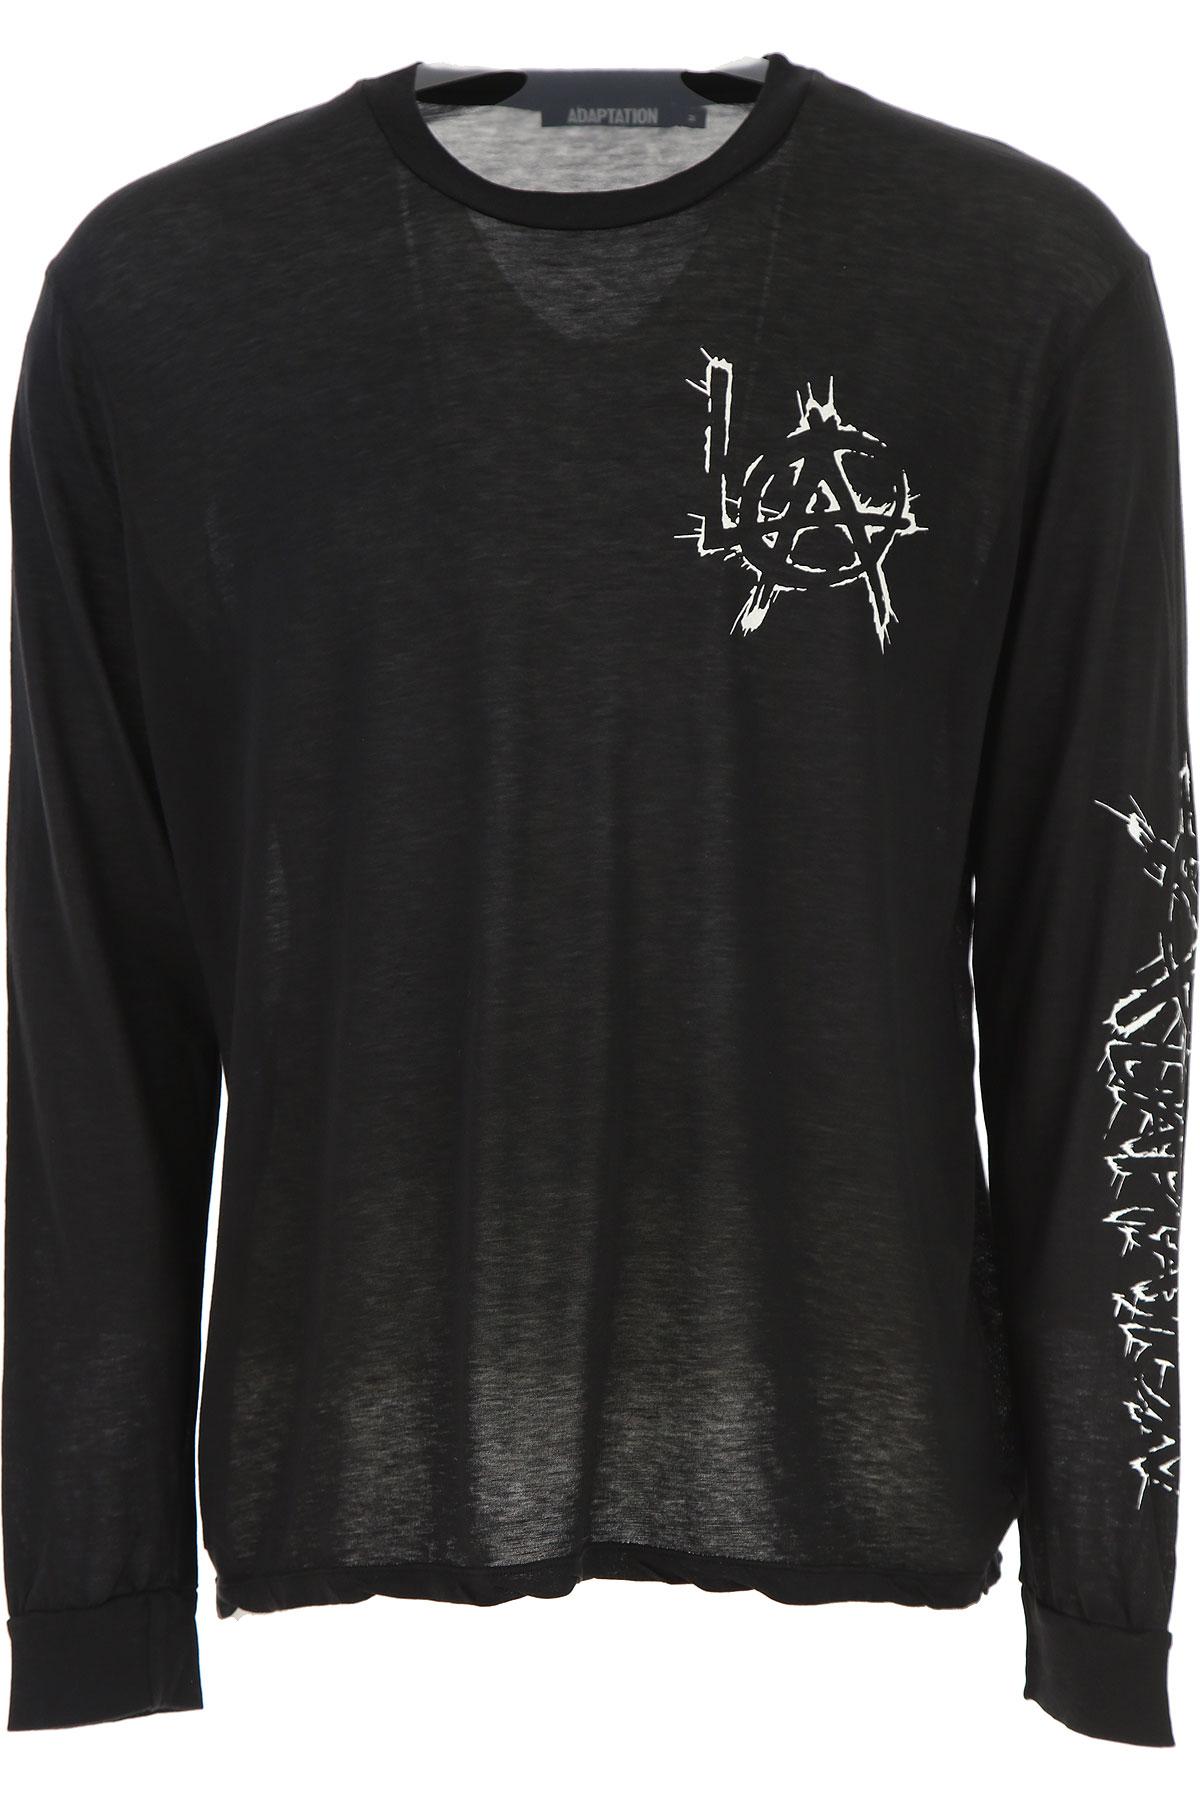 Image of Adaptation T-Shirt for Men, Black, Cotton, 2017, L M S